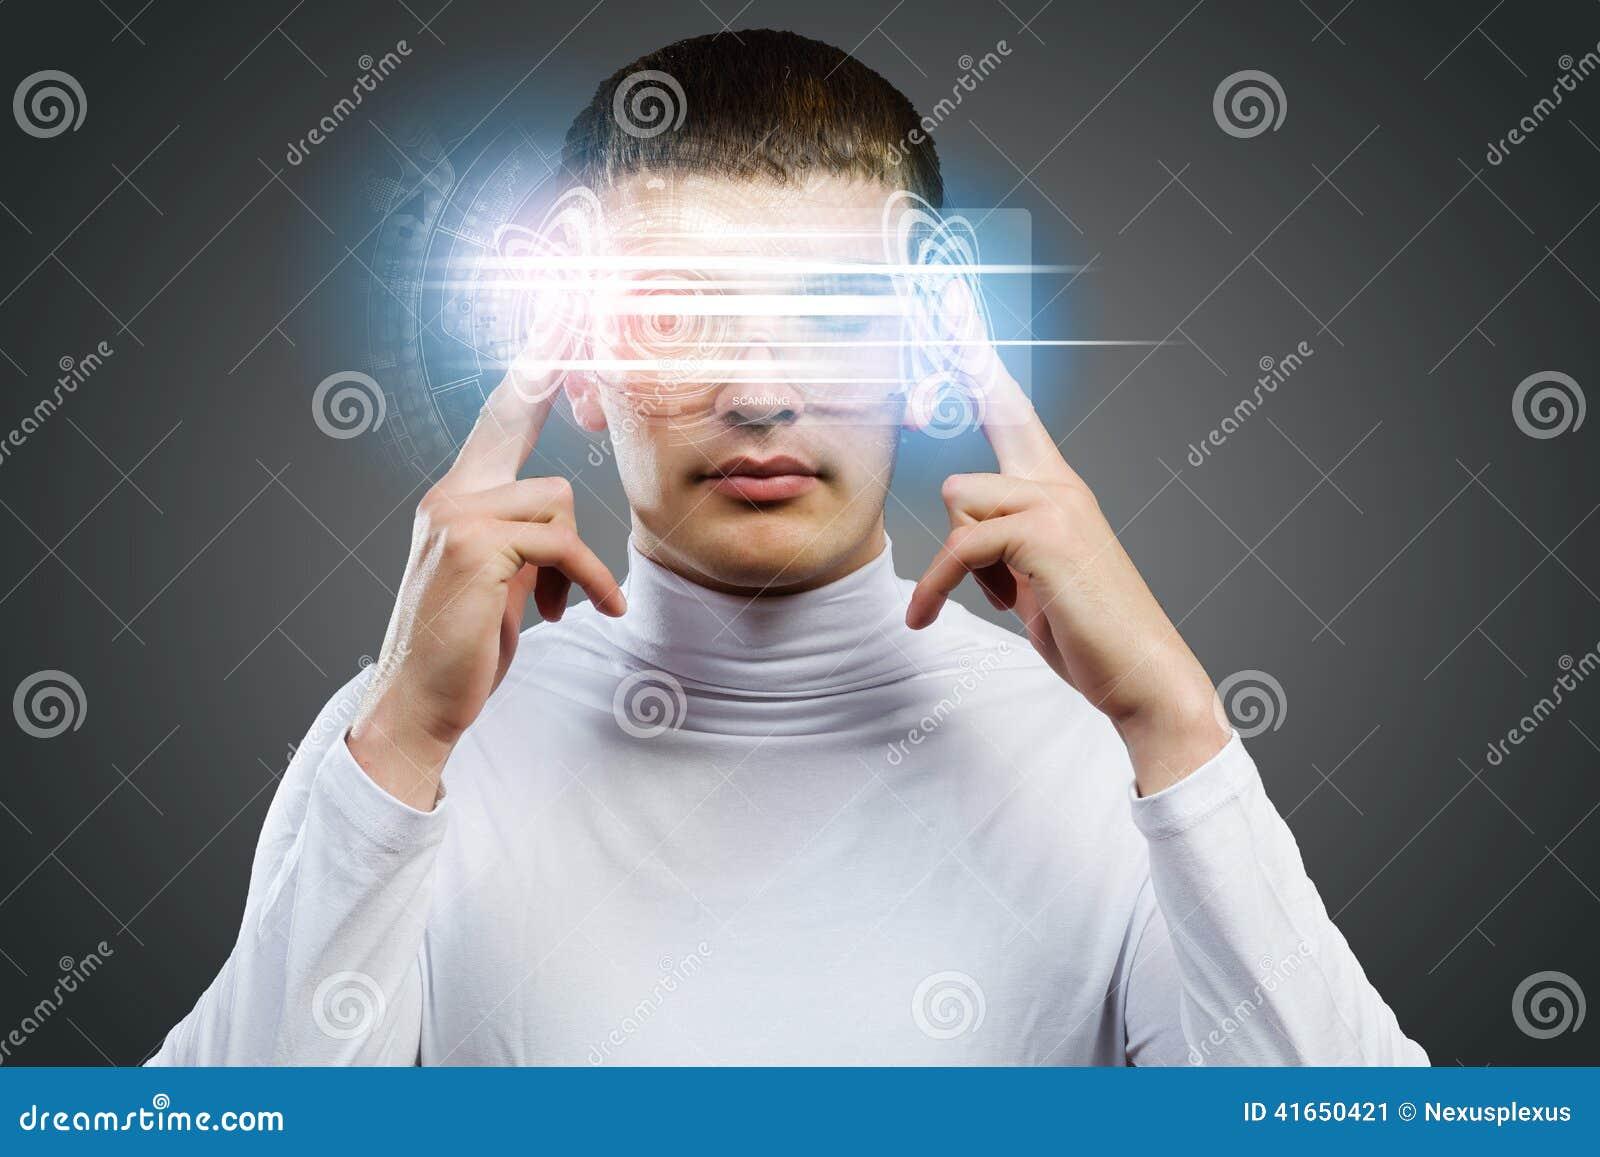 новые виды технологии